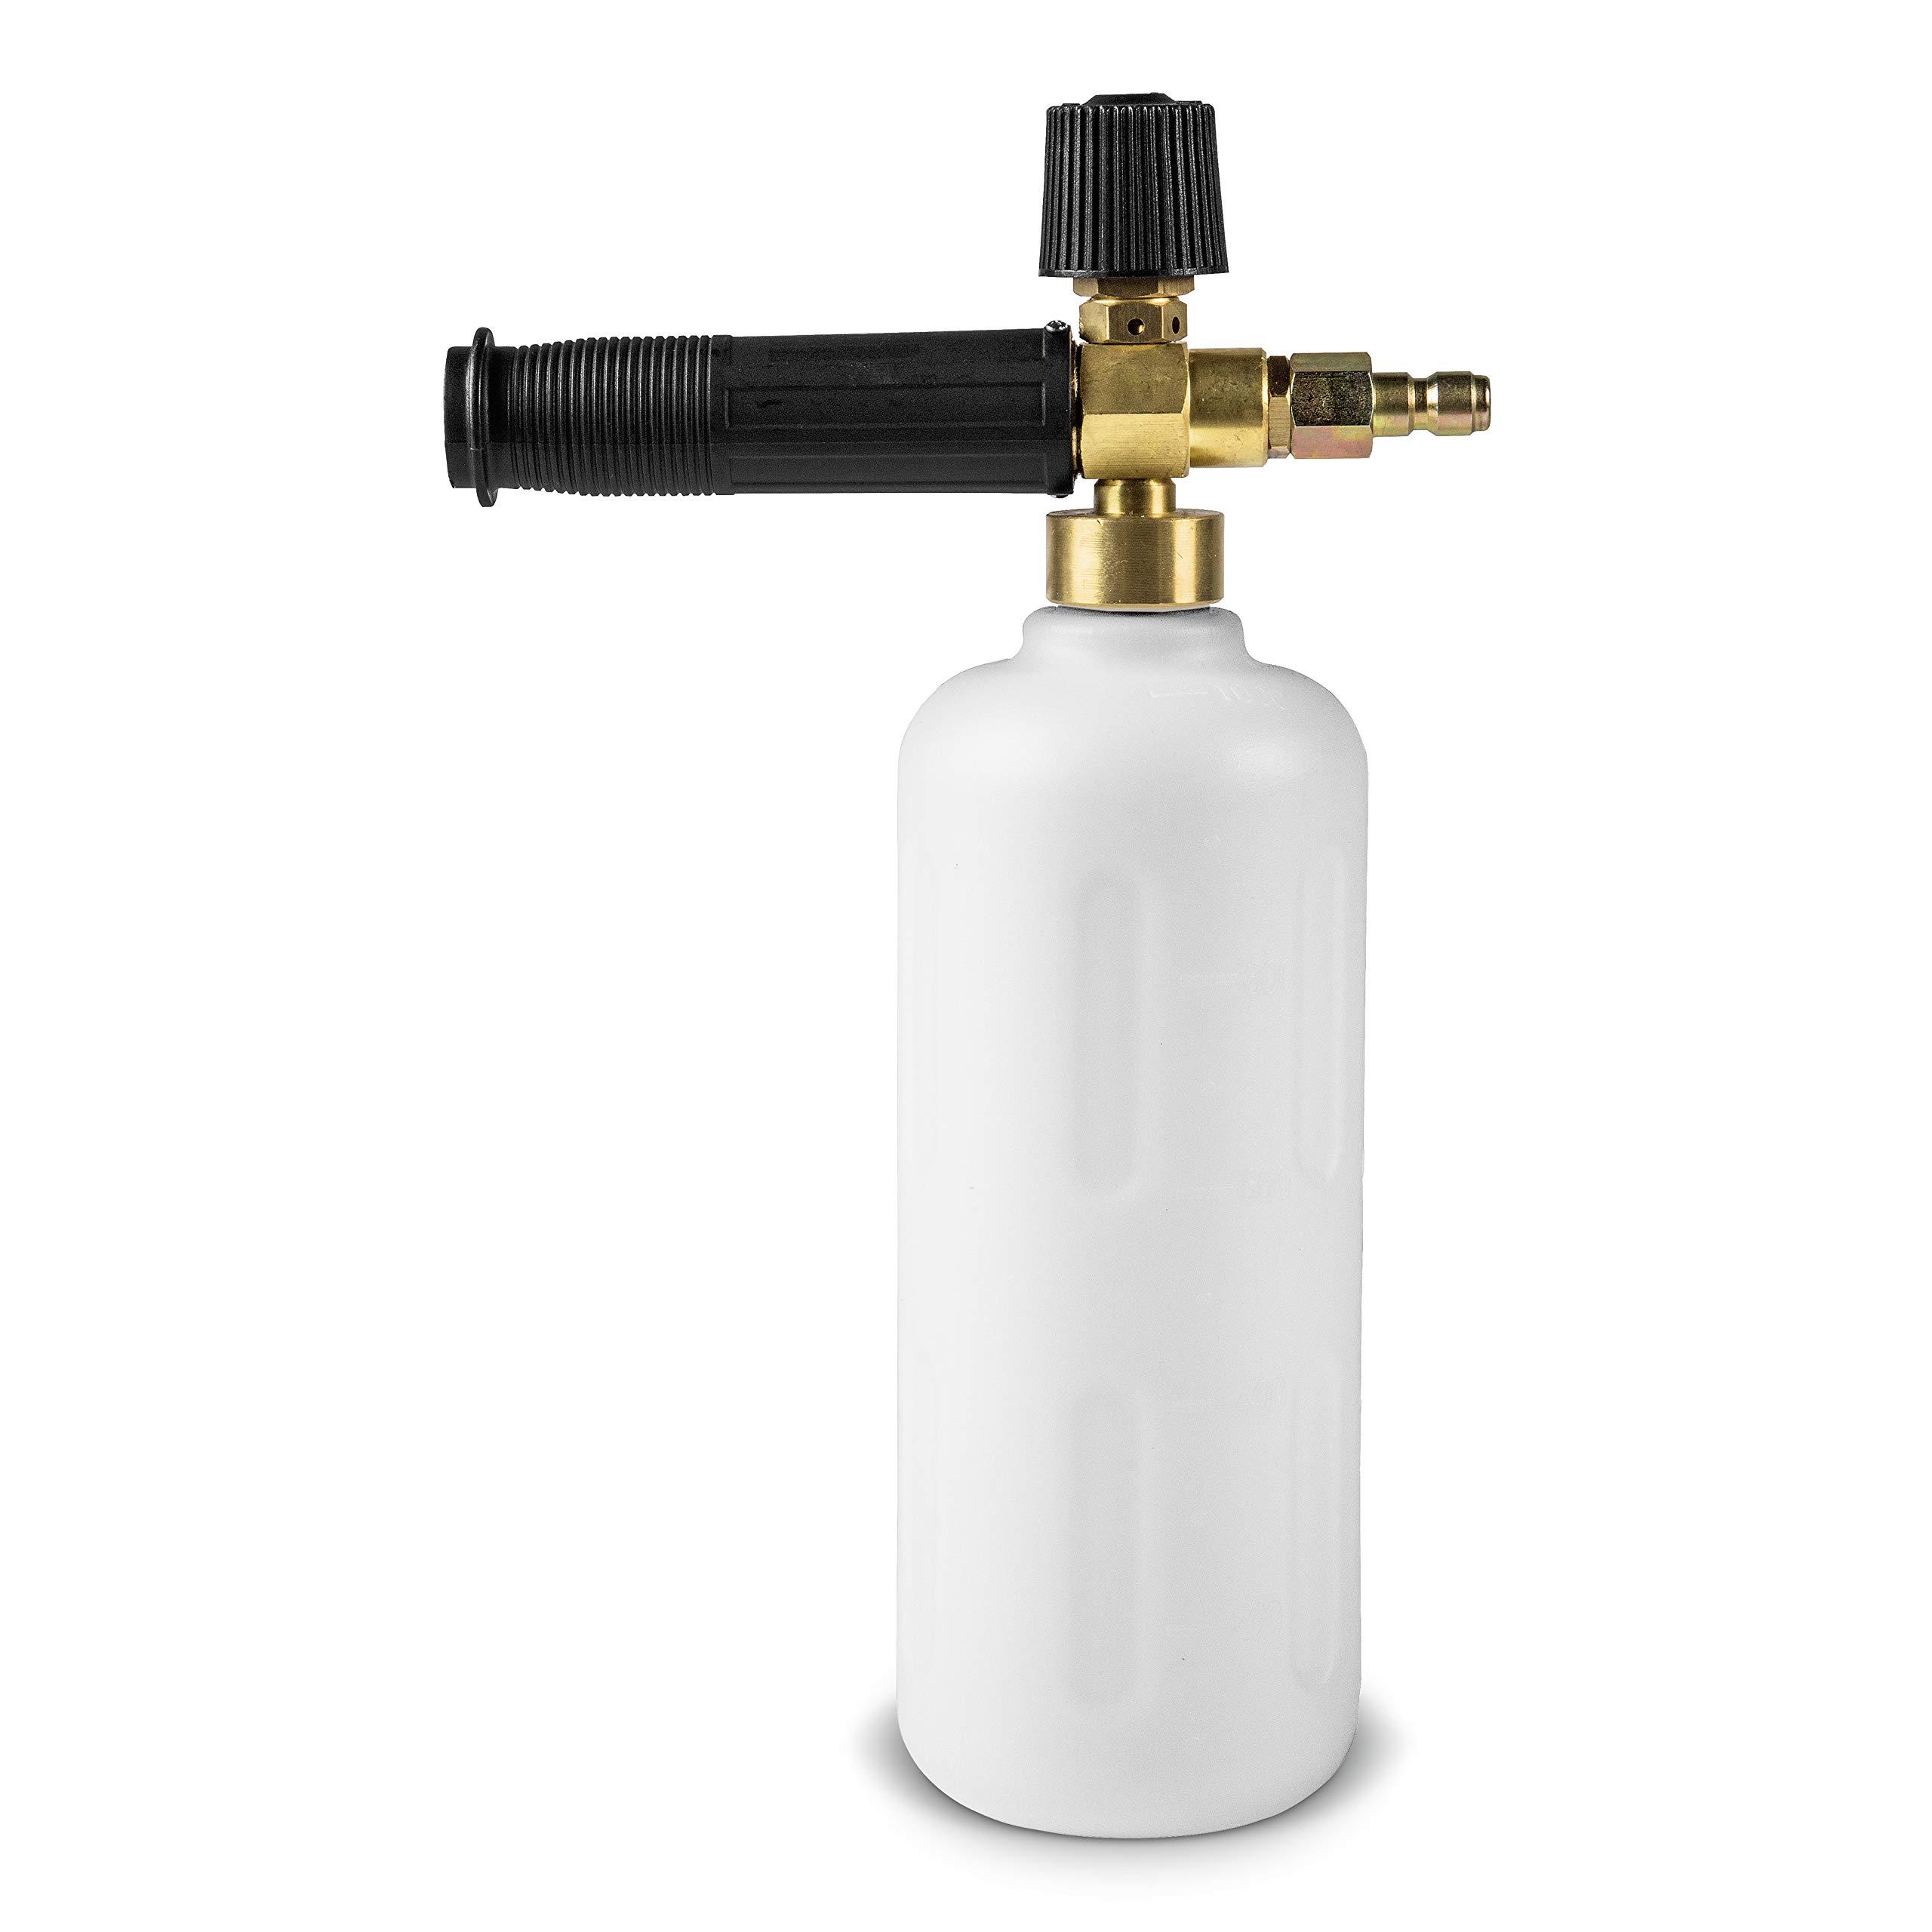 Karcher 87569970 Quick Connect Foam Nozzle Sprayer, White by Karcher